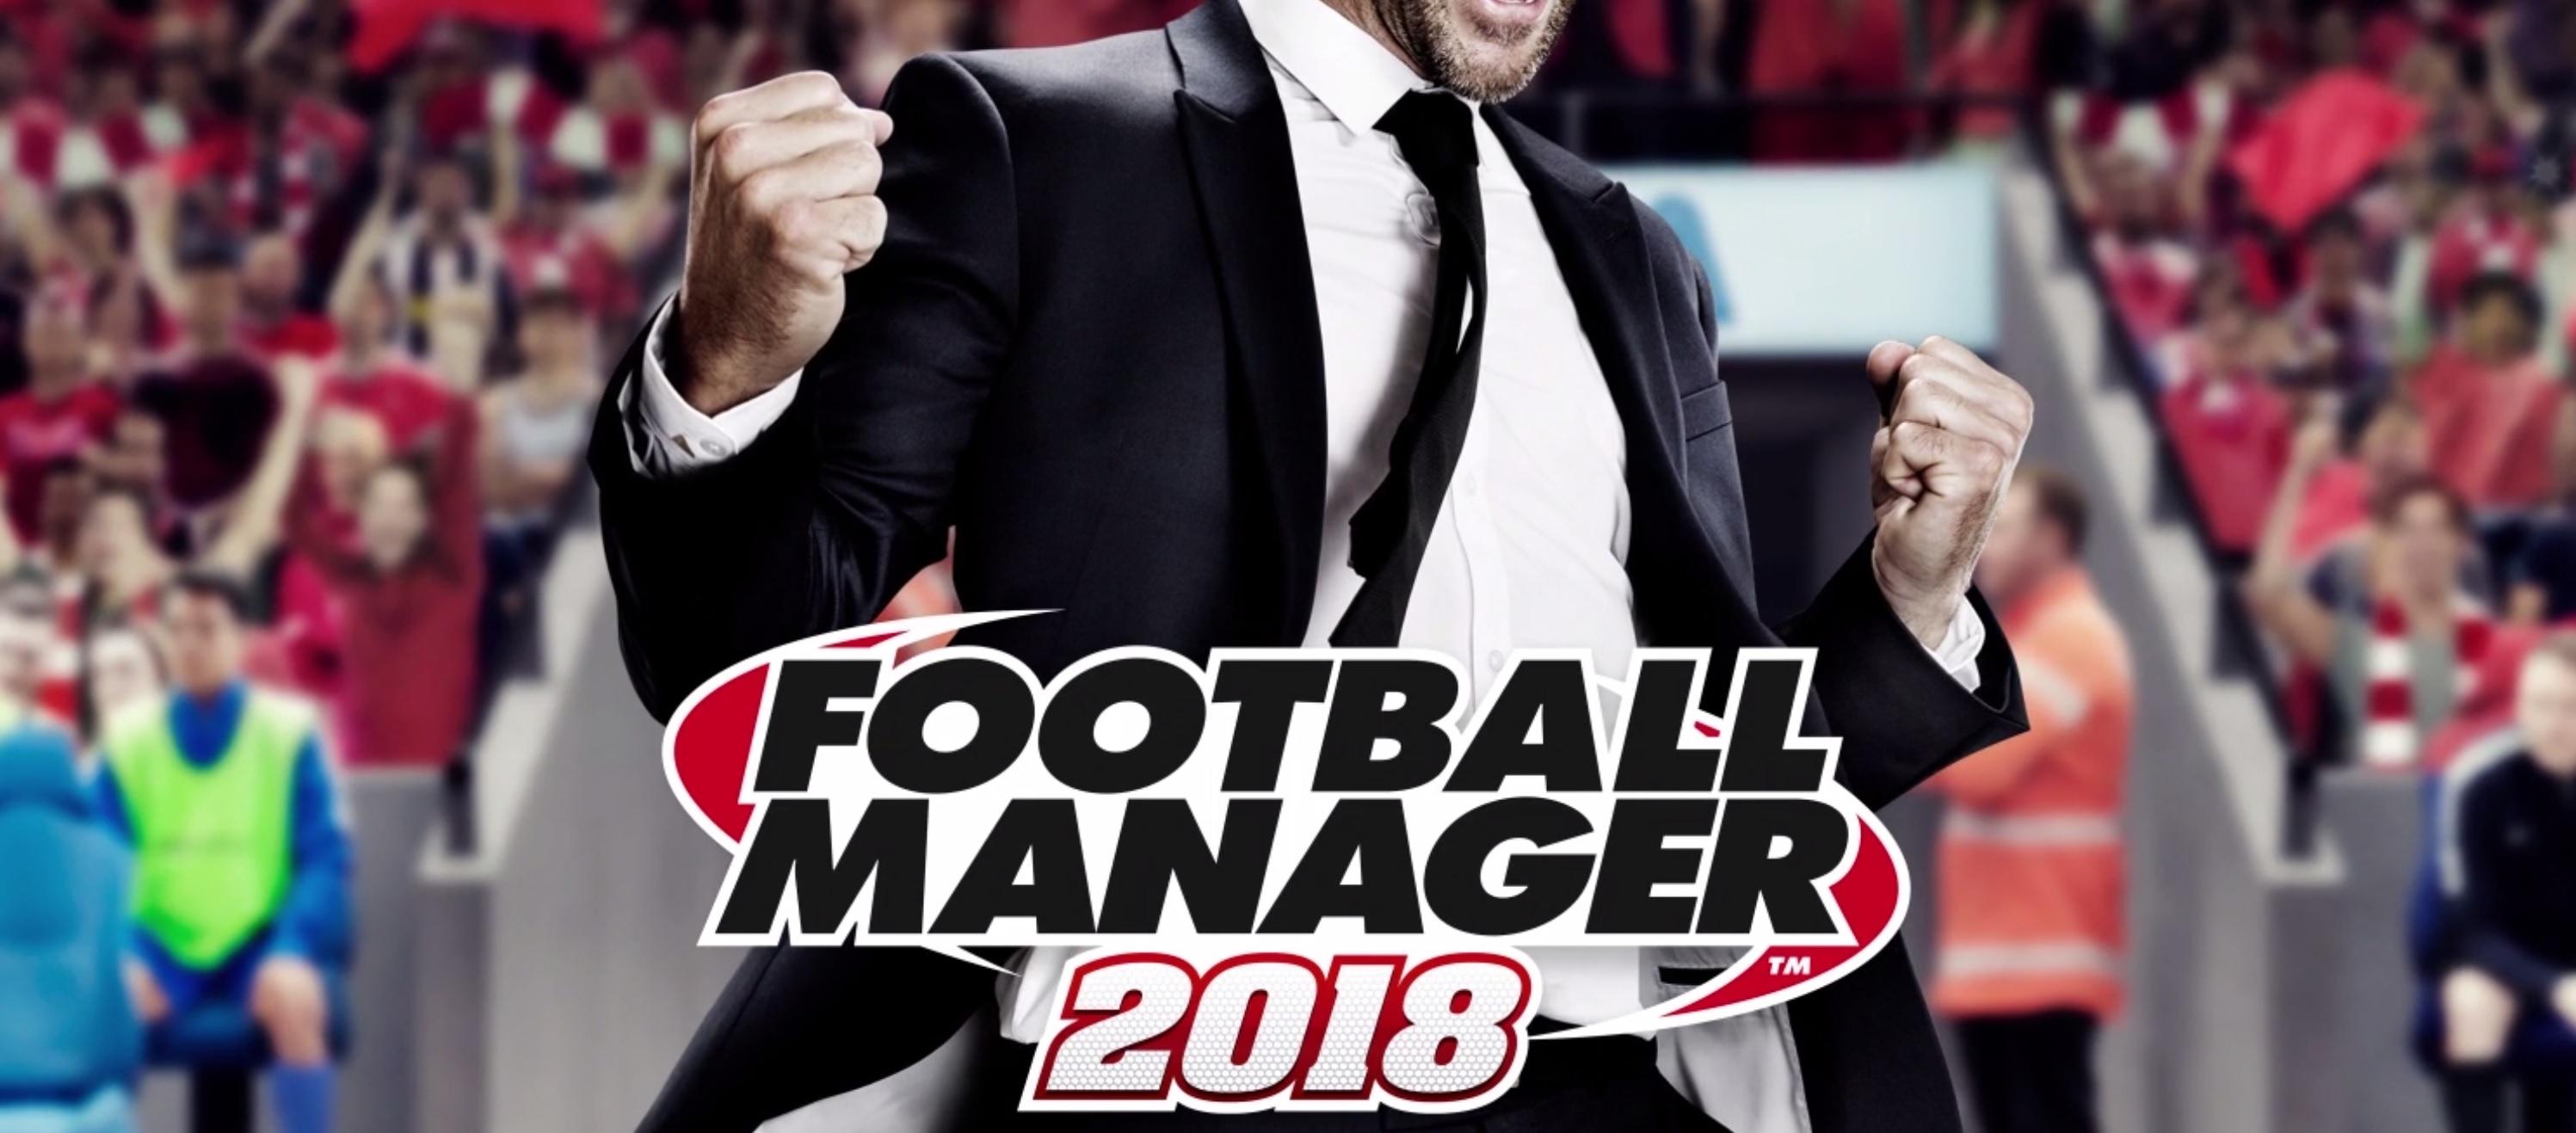 Football Manager 2018 : A la conquête des Etats-Unis